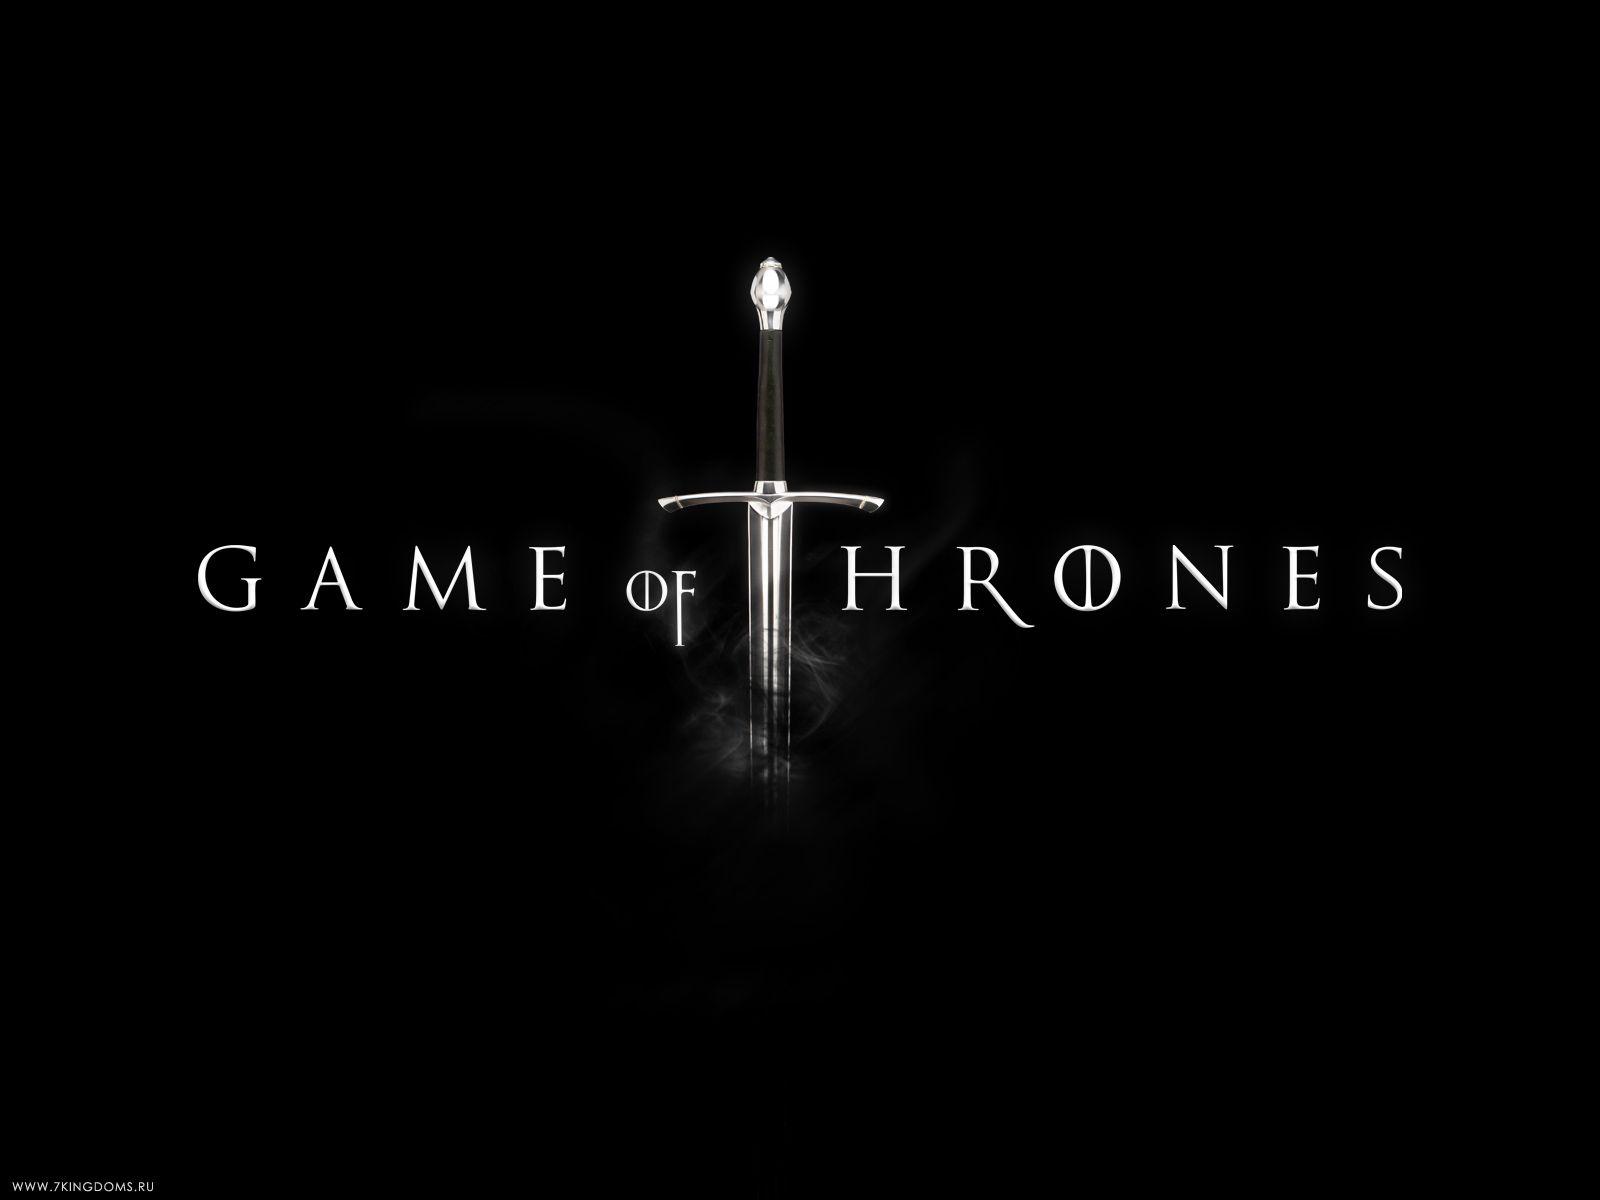 Game of Thrones pour les nuls : avez-vous le profil pour devenir vous aussi accro ?